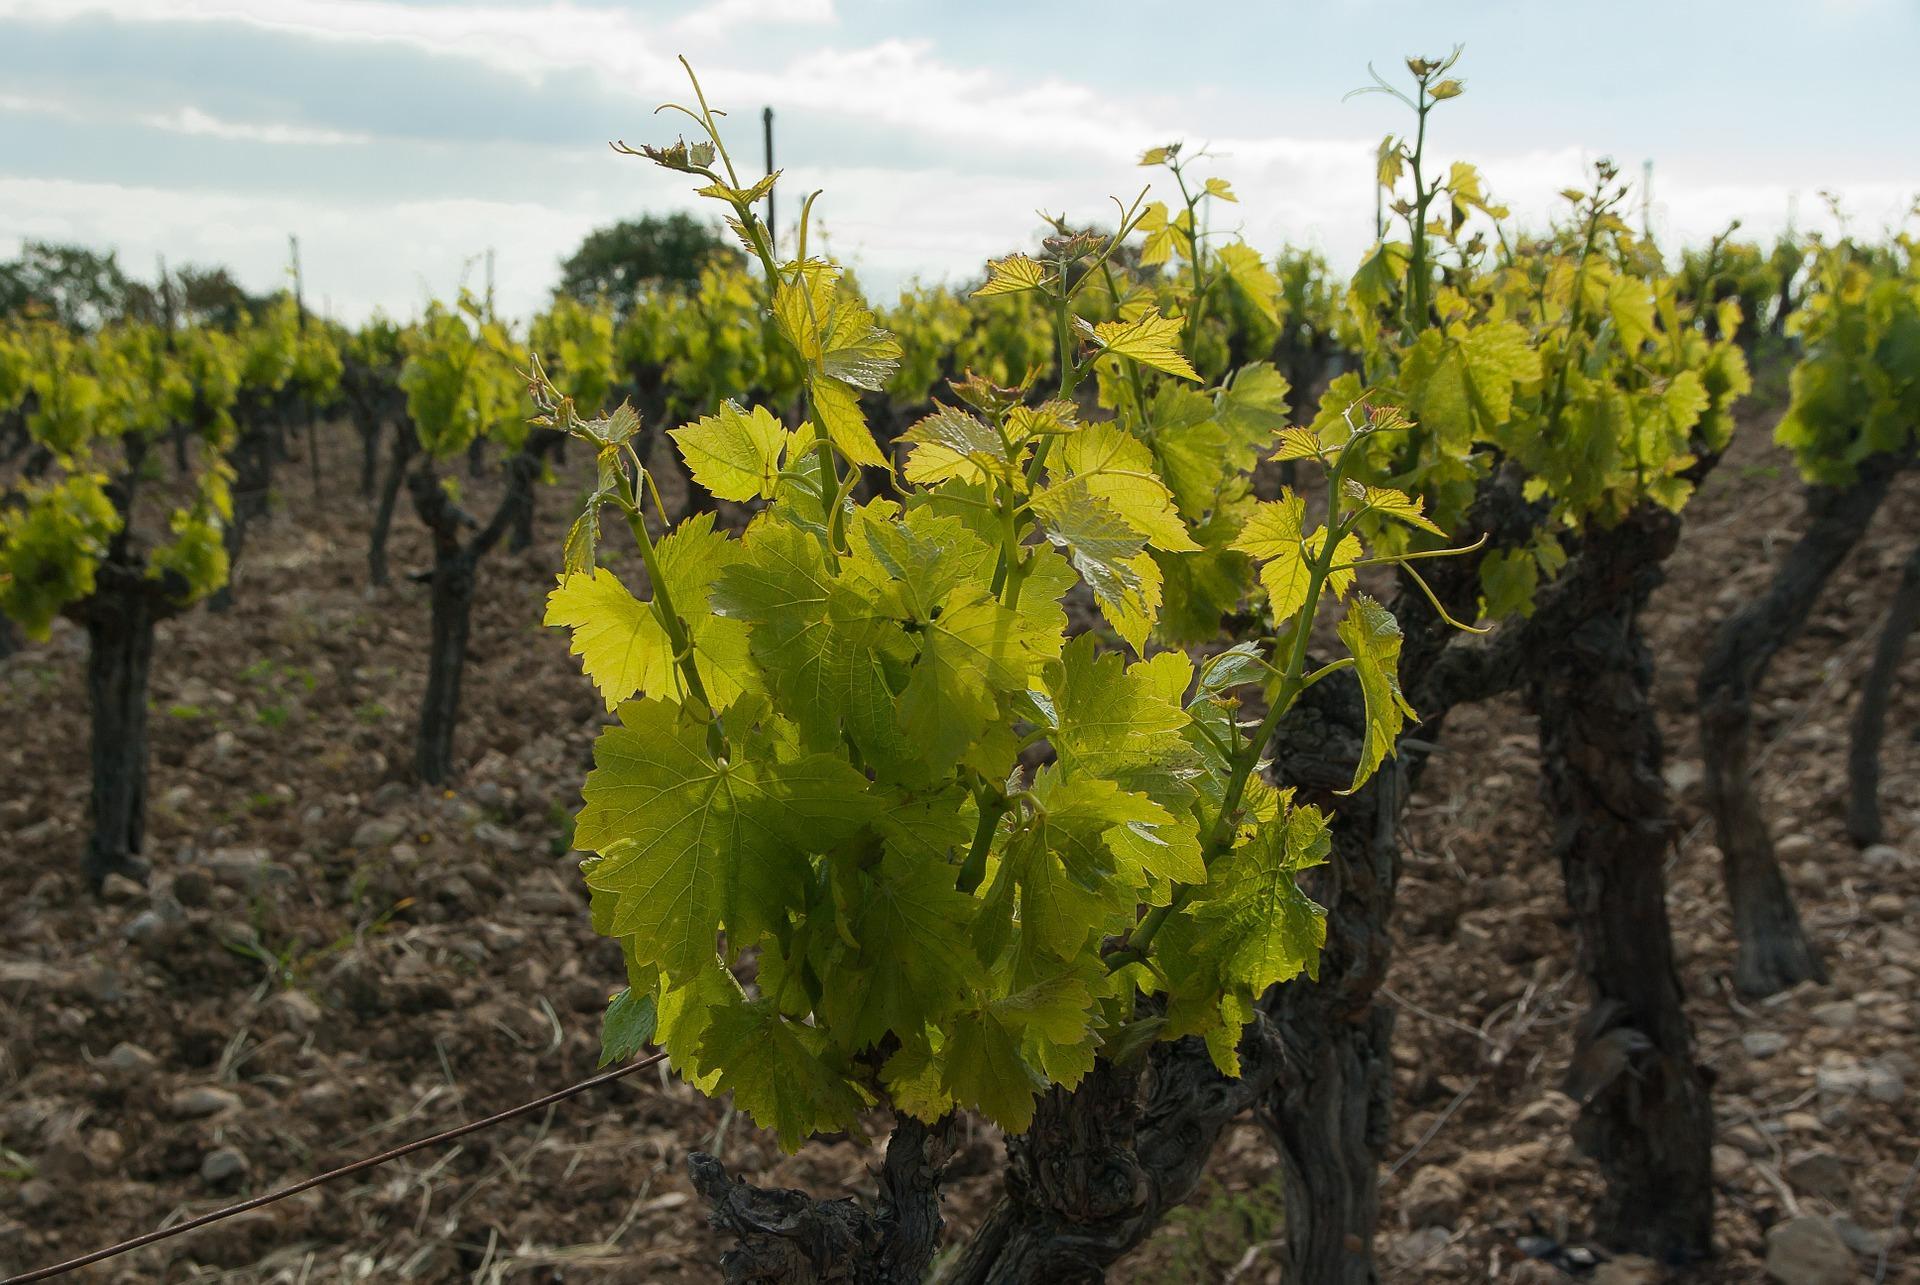 Abgaben für den Deutschen Weinfonds und für die gebietliche Absatzförderung